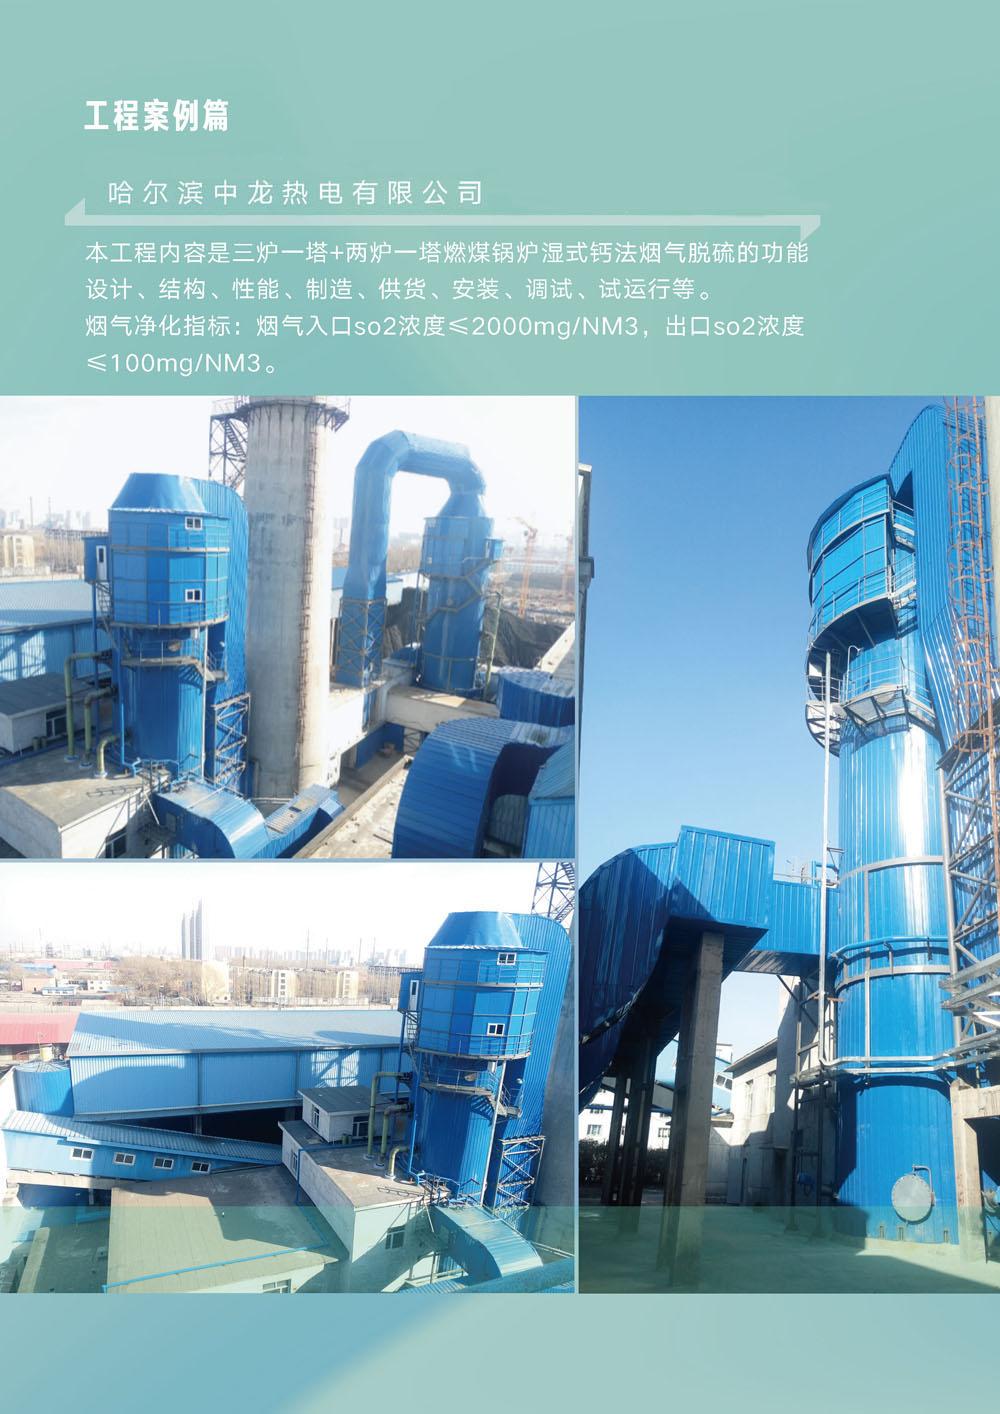 哈尔滨中龙热电有限公司锅炉烟气脱硫技改工程